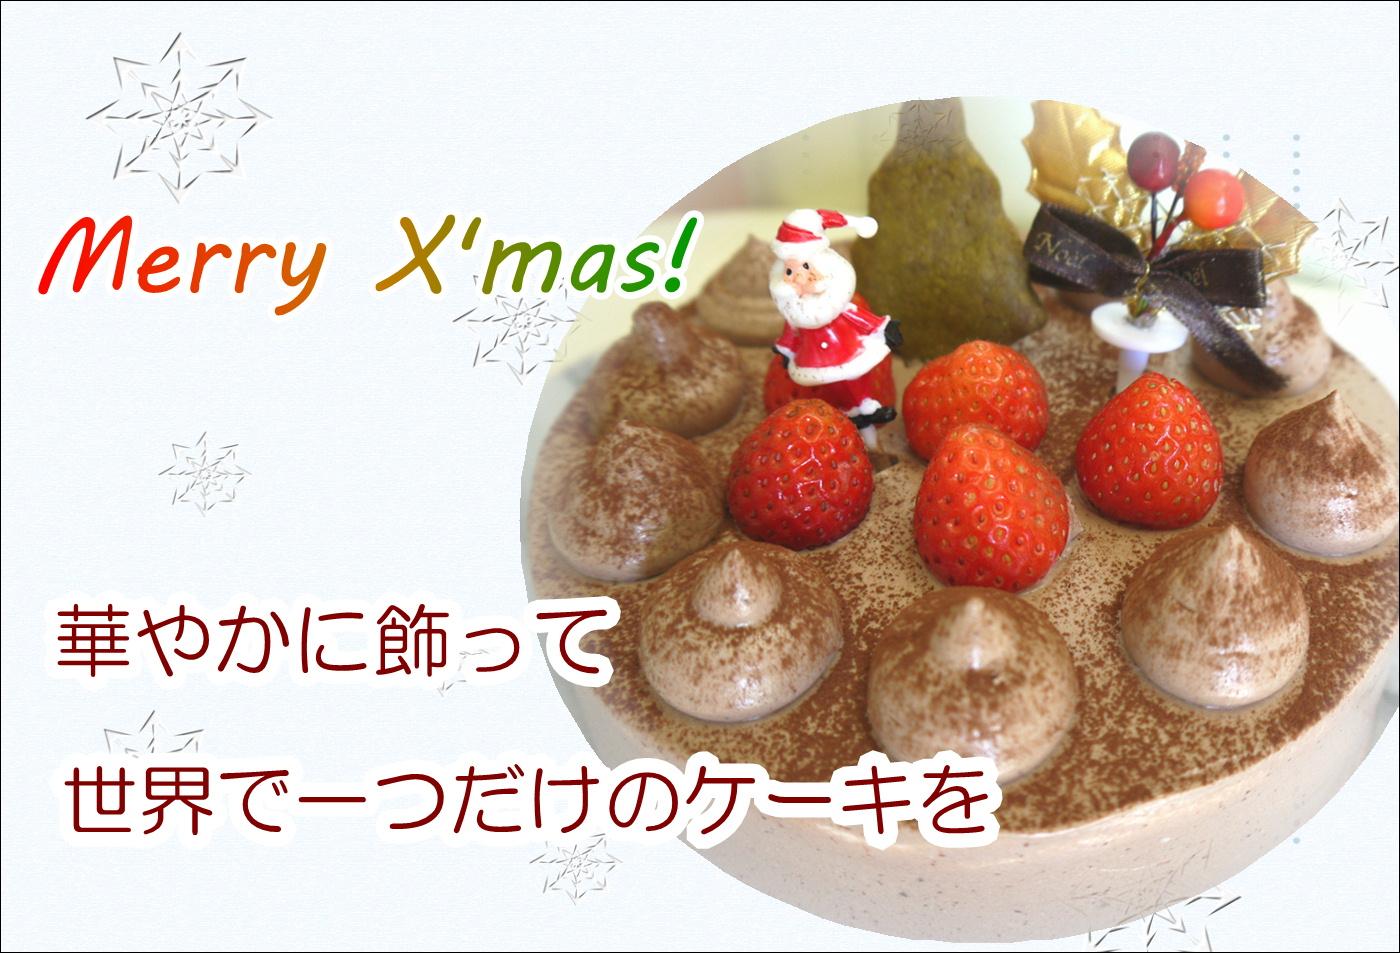 アレルギー対応 卵 牛乳 小麦粉 クリスマスケーキ